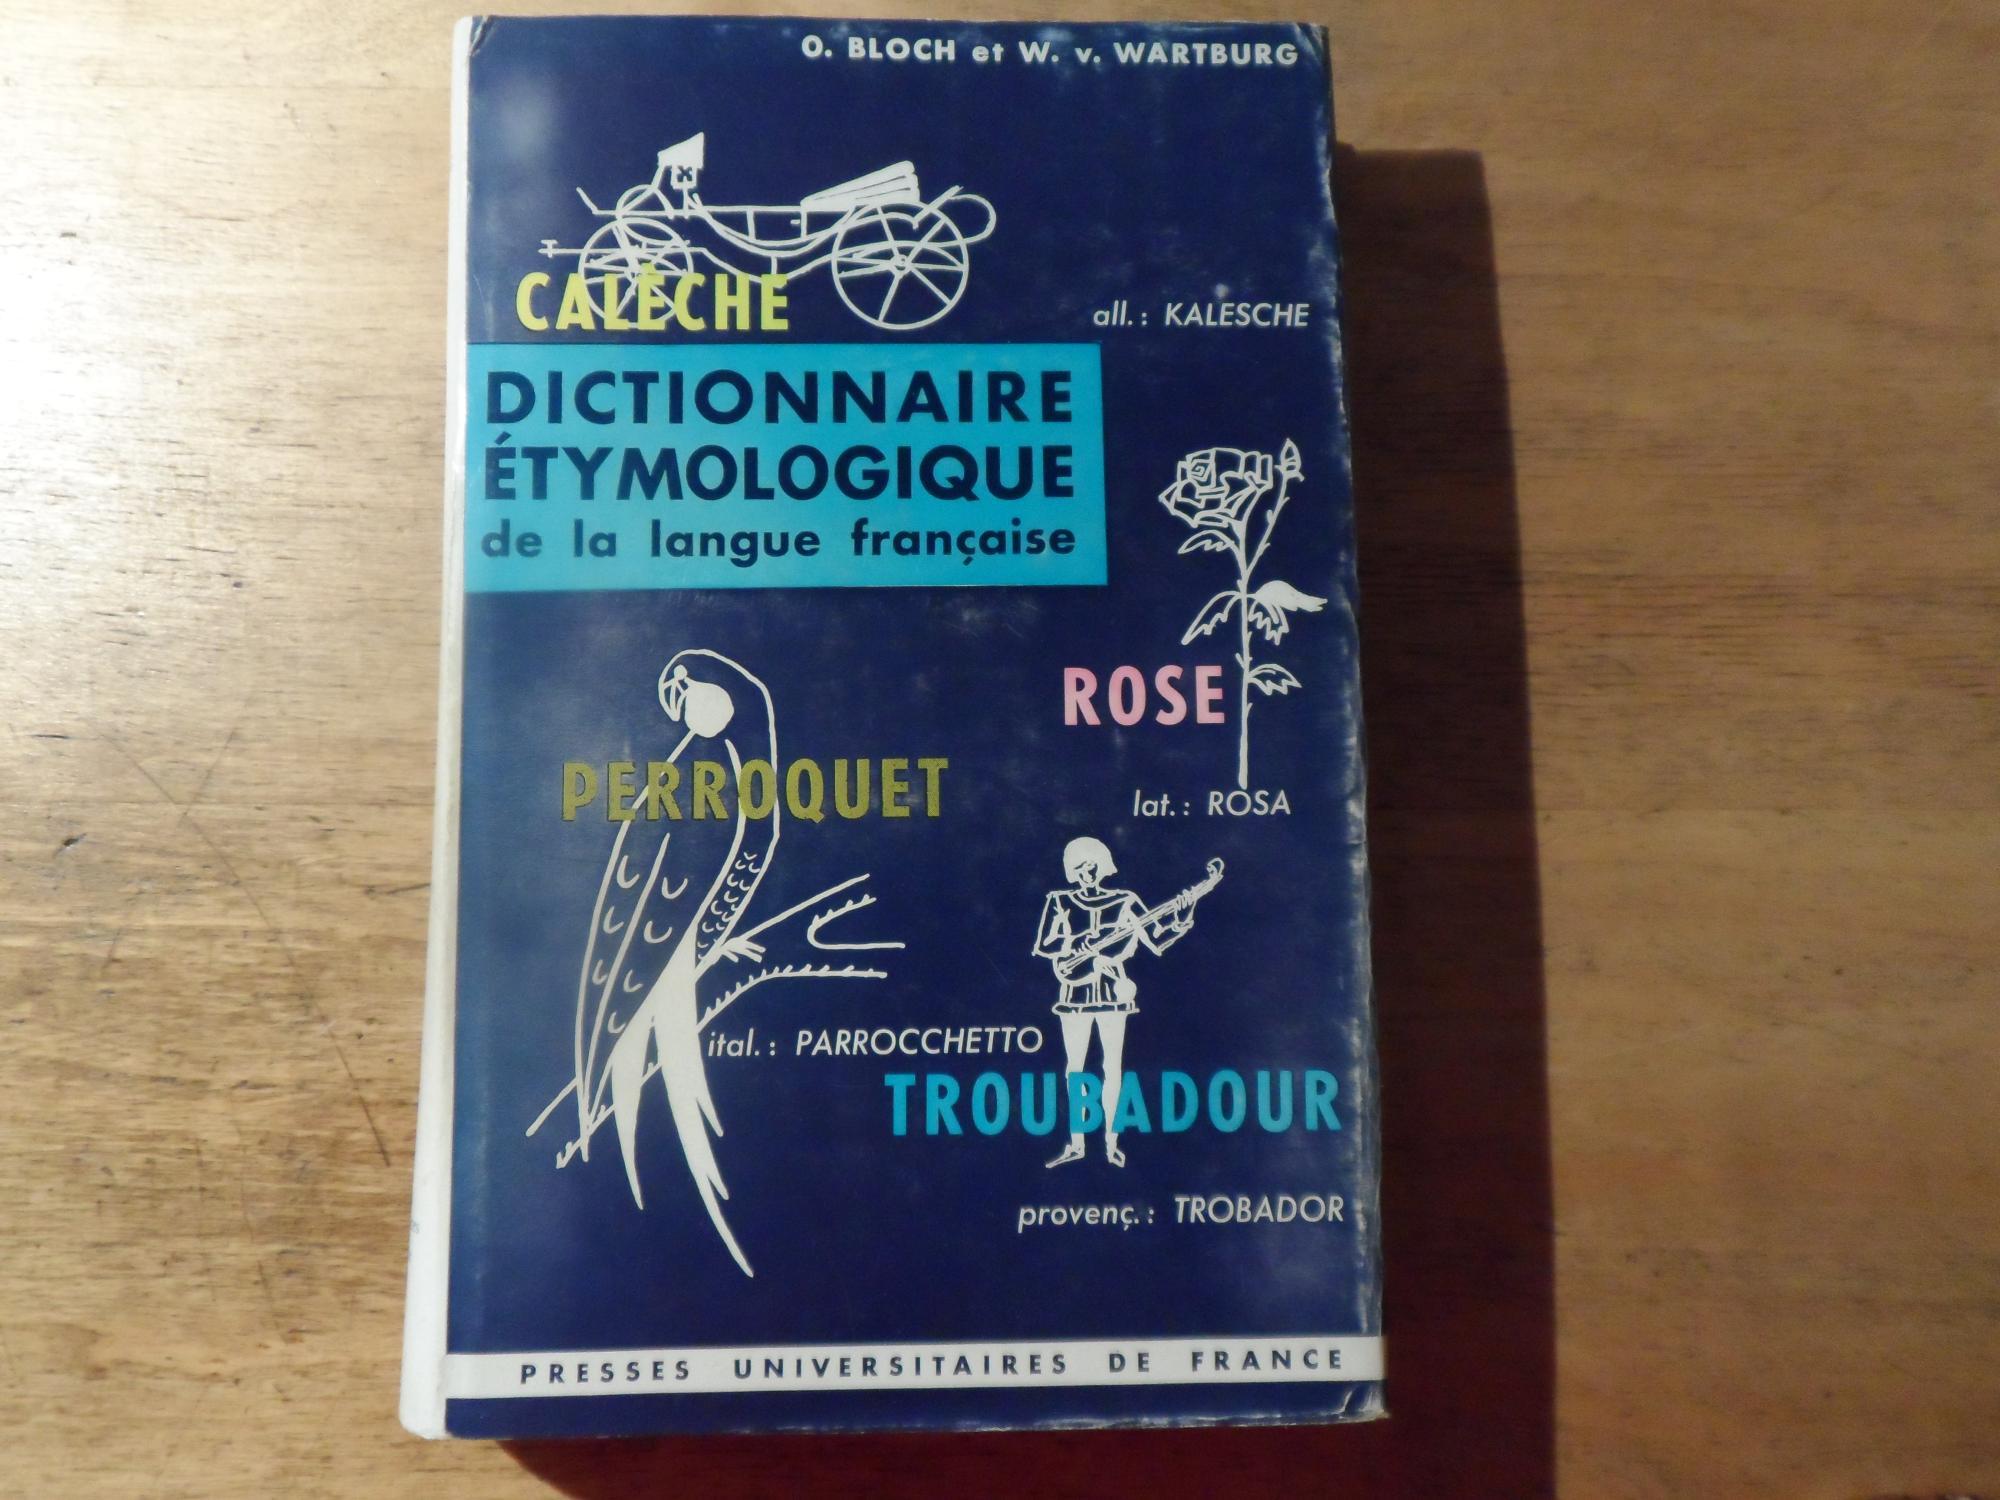 Dictionnaire Etymologique de la Langue Francaise: Bloch,Oscar - Wartburg,W.